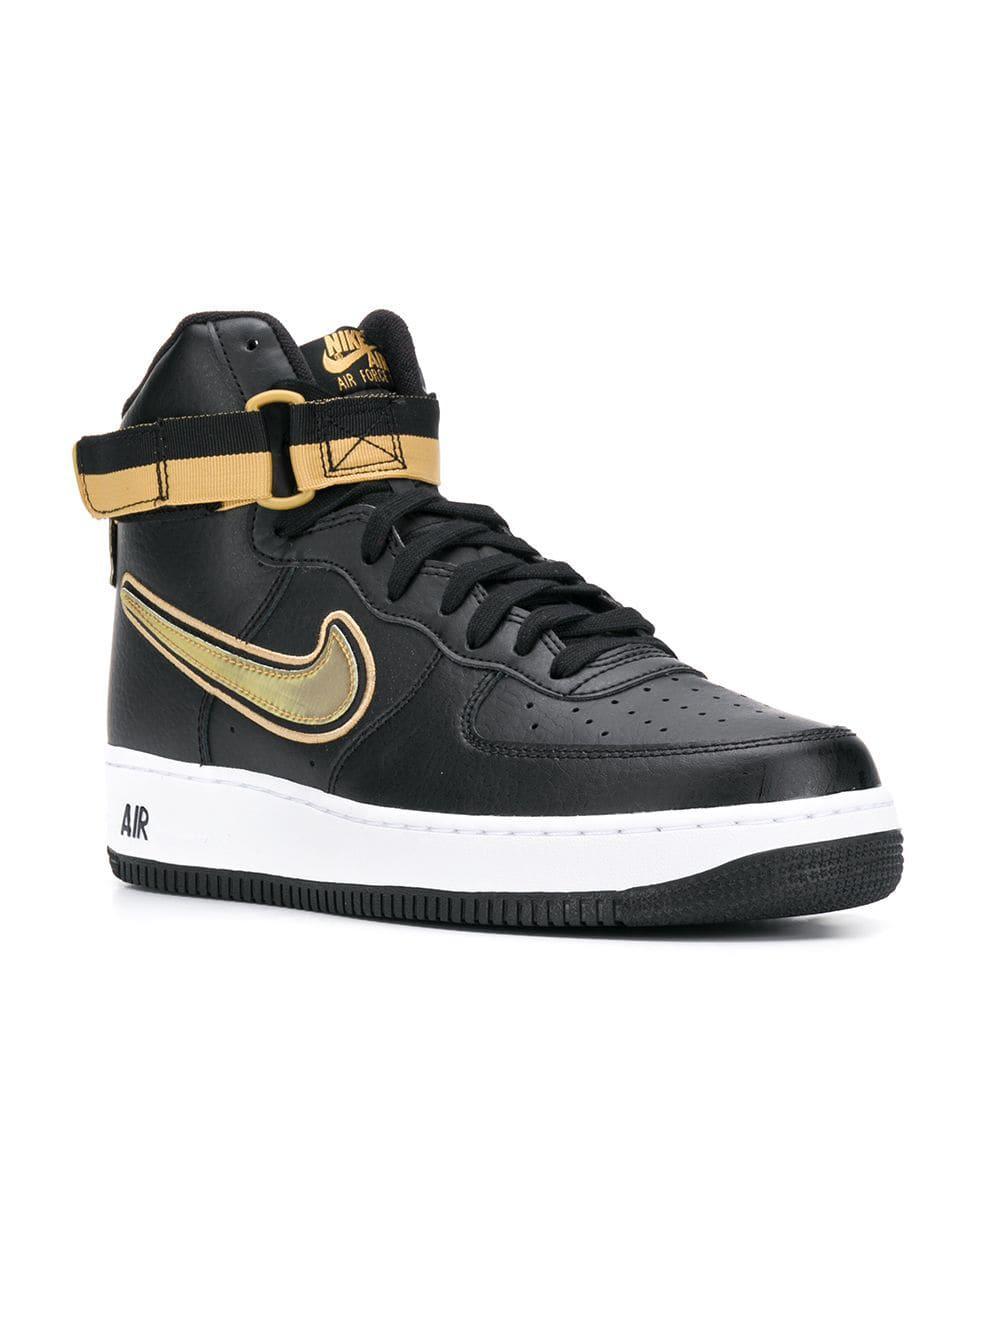 Nike - Black Air Force 1 Hi-top Sneakers for Men - Lyst. View fullscreen da6dc5ad6